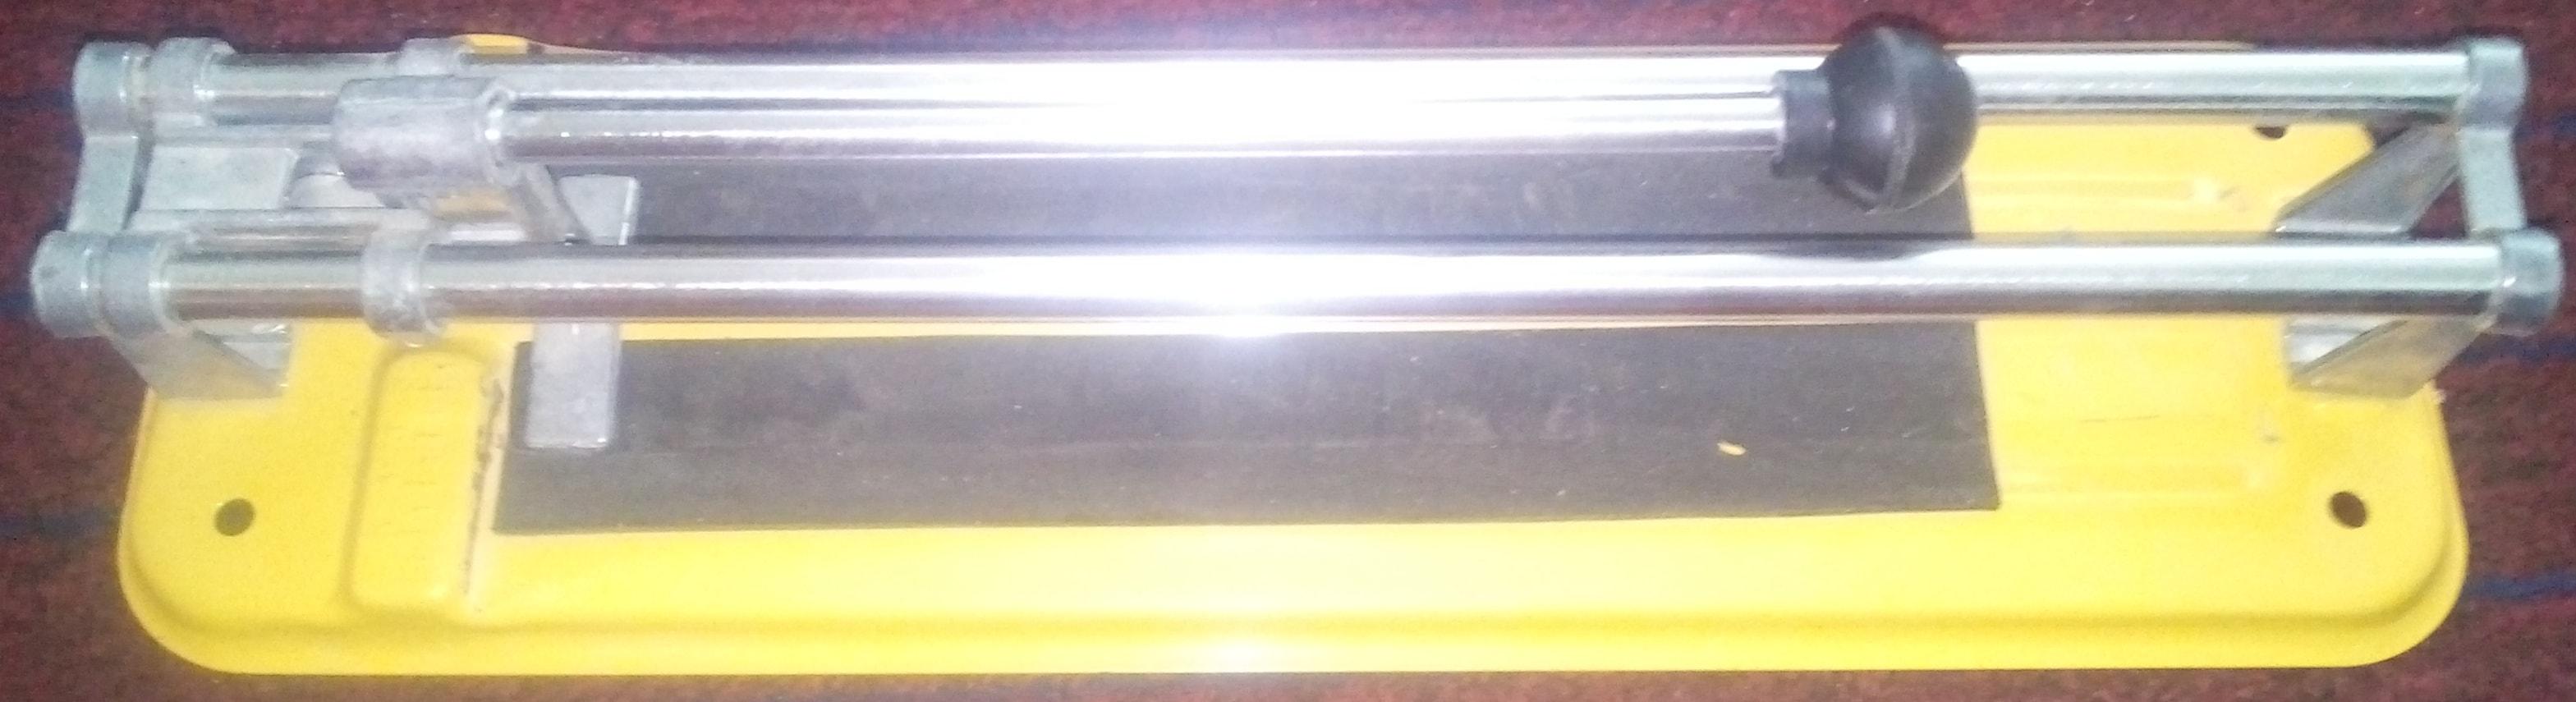 плиткорез для резки керамической плитки-min